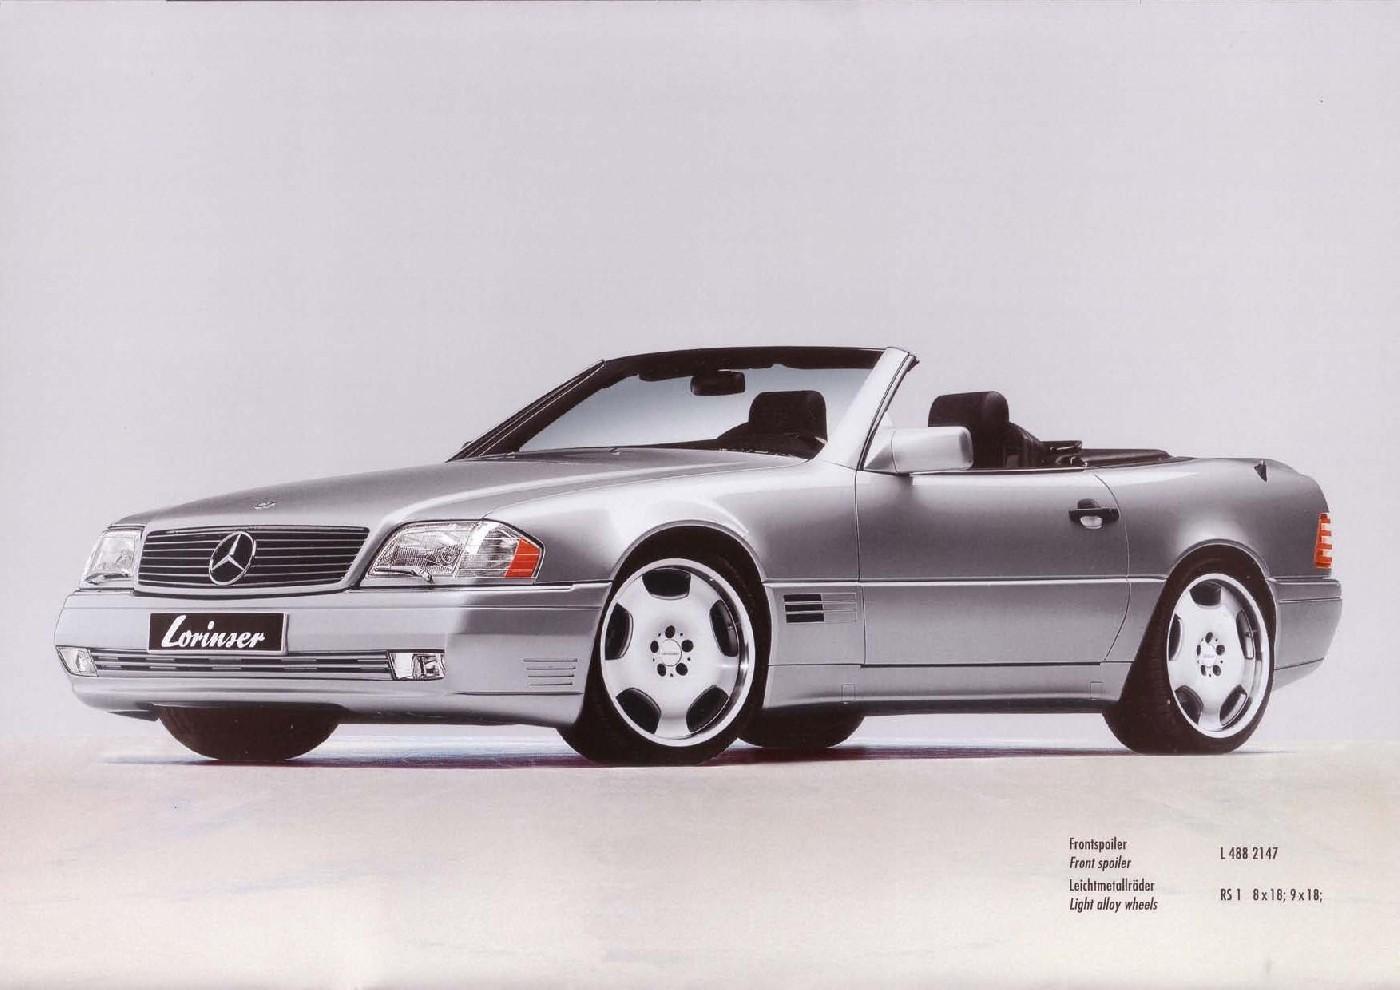 1000 images about r129 on pinterest cars mercedes r129. Black Bedroom Furniture Sets. Home Design Ideas